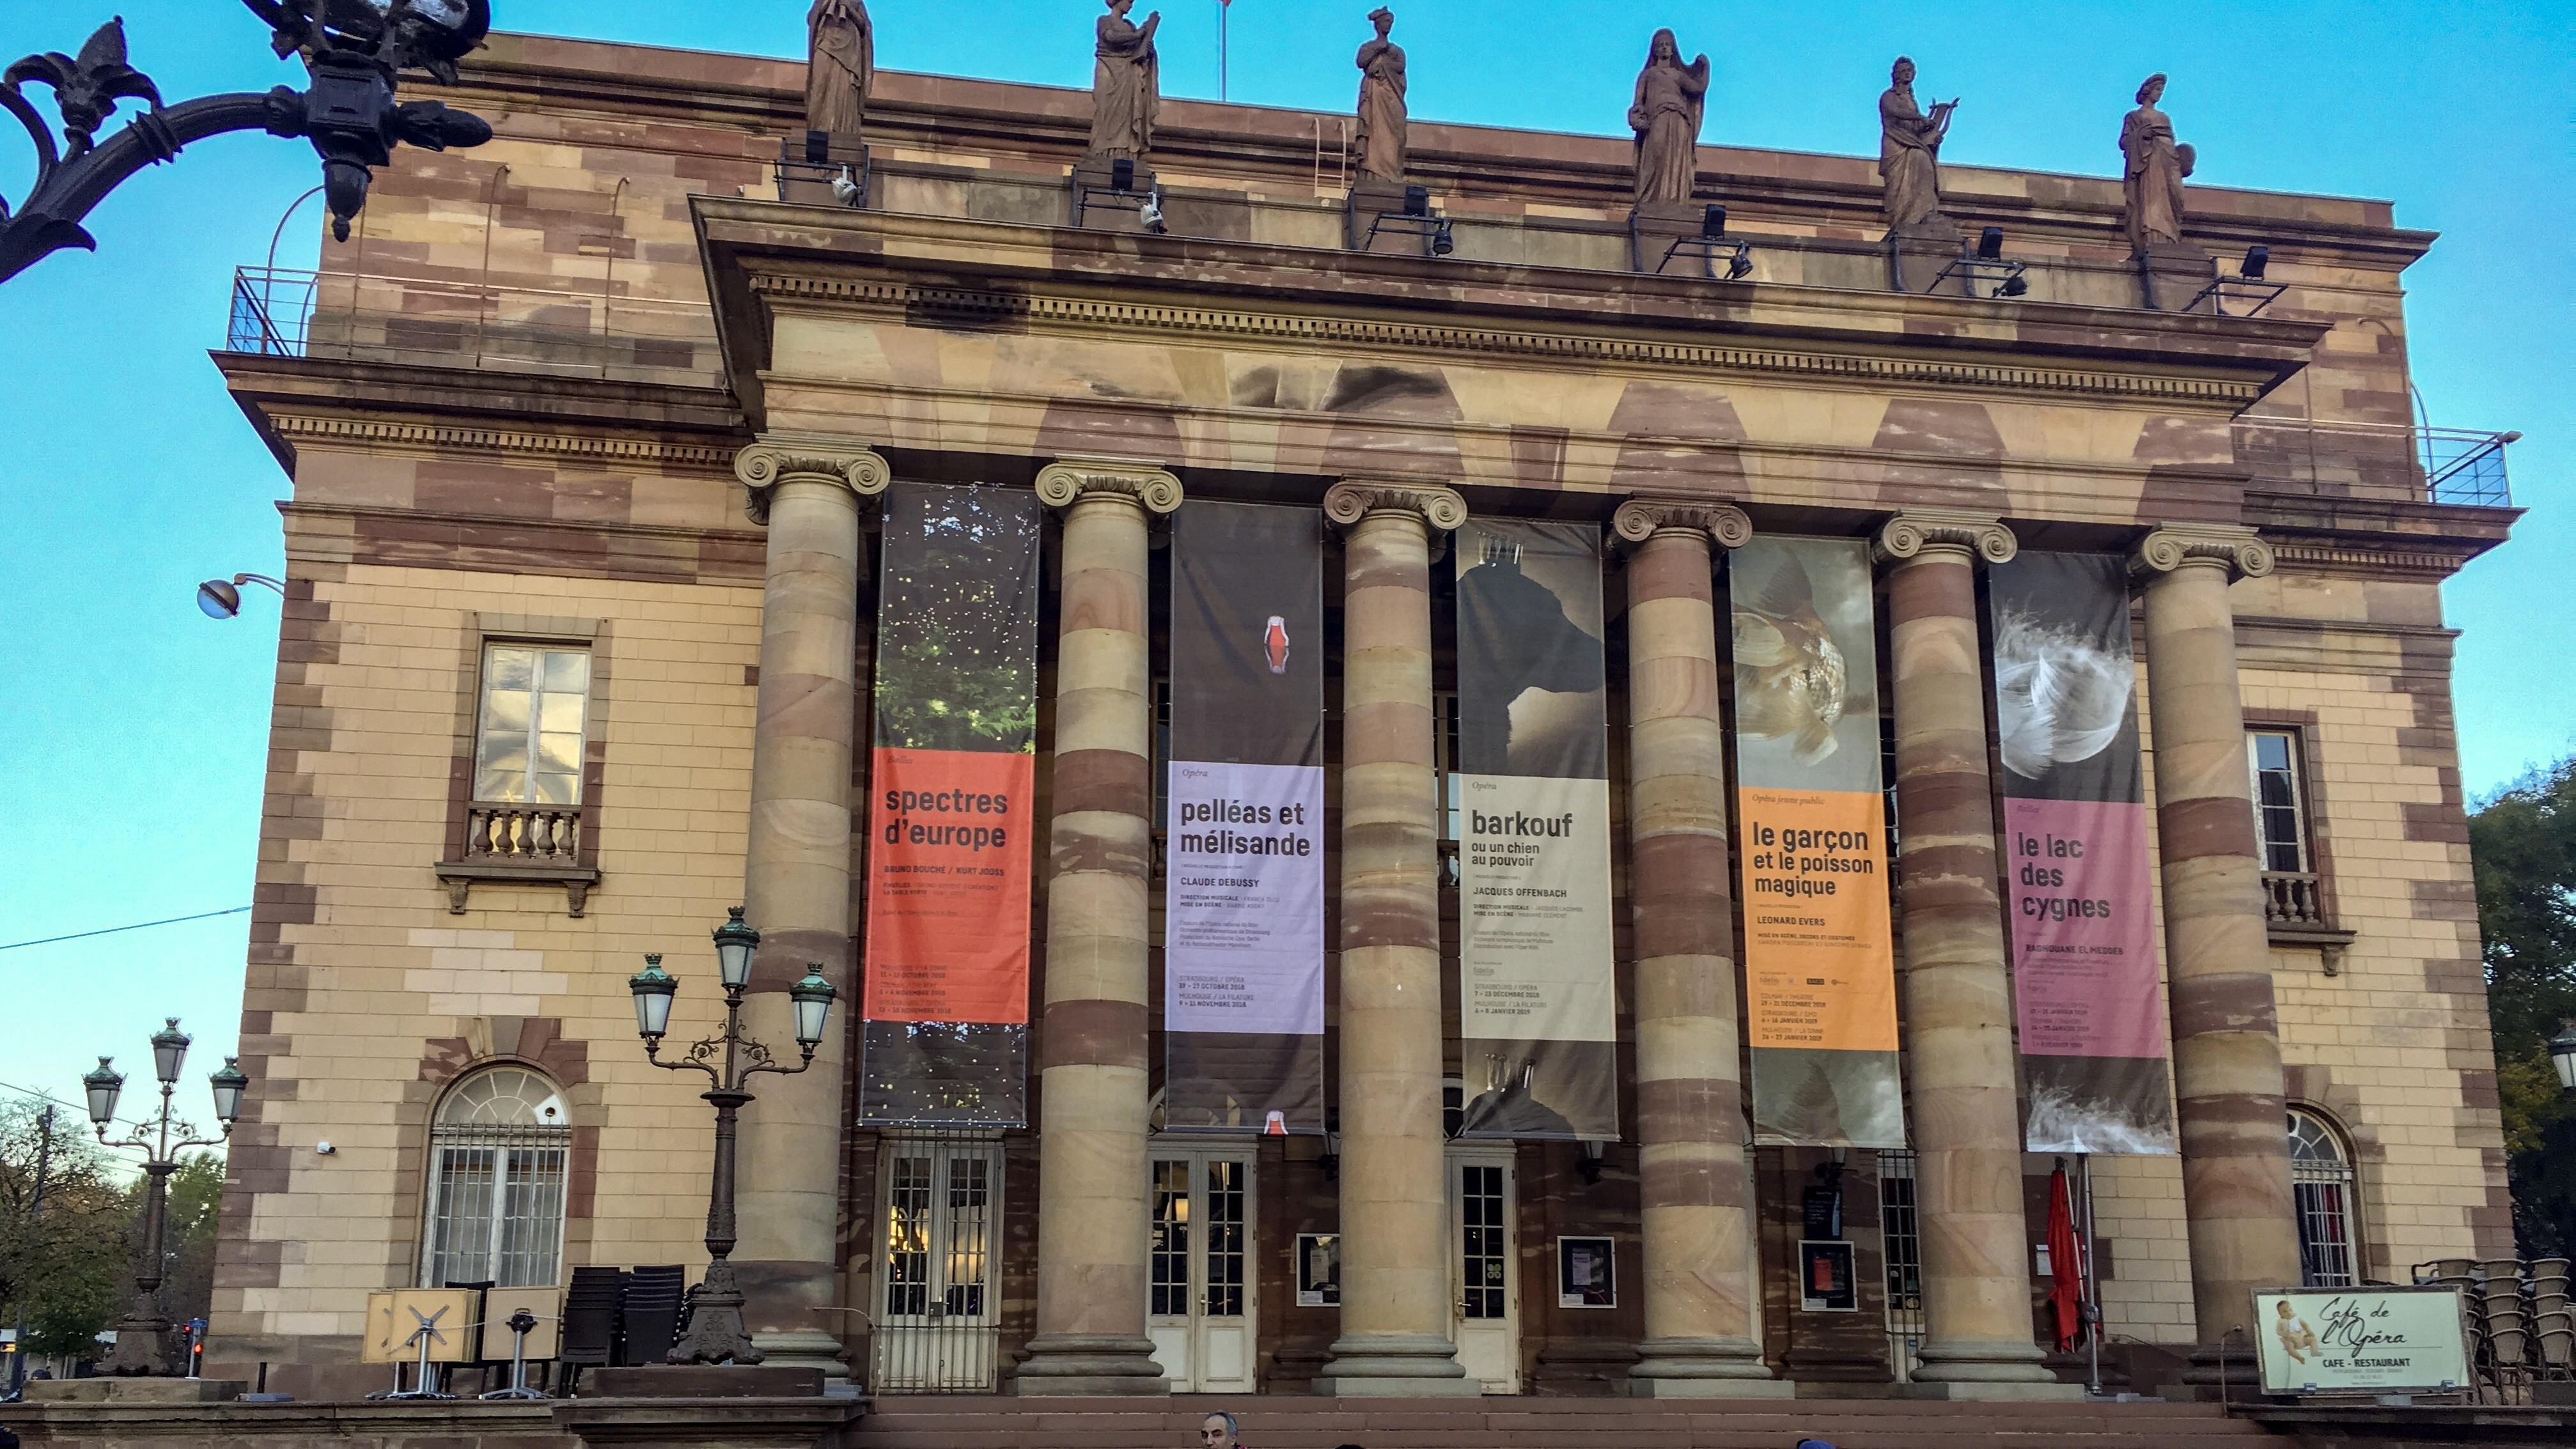 Devanture de l'opéra avec l'affiche annonçant Barkouf